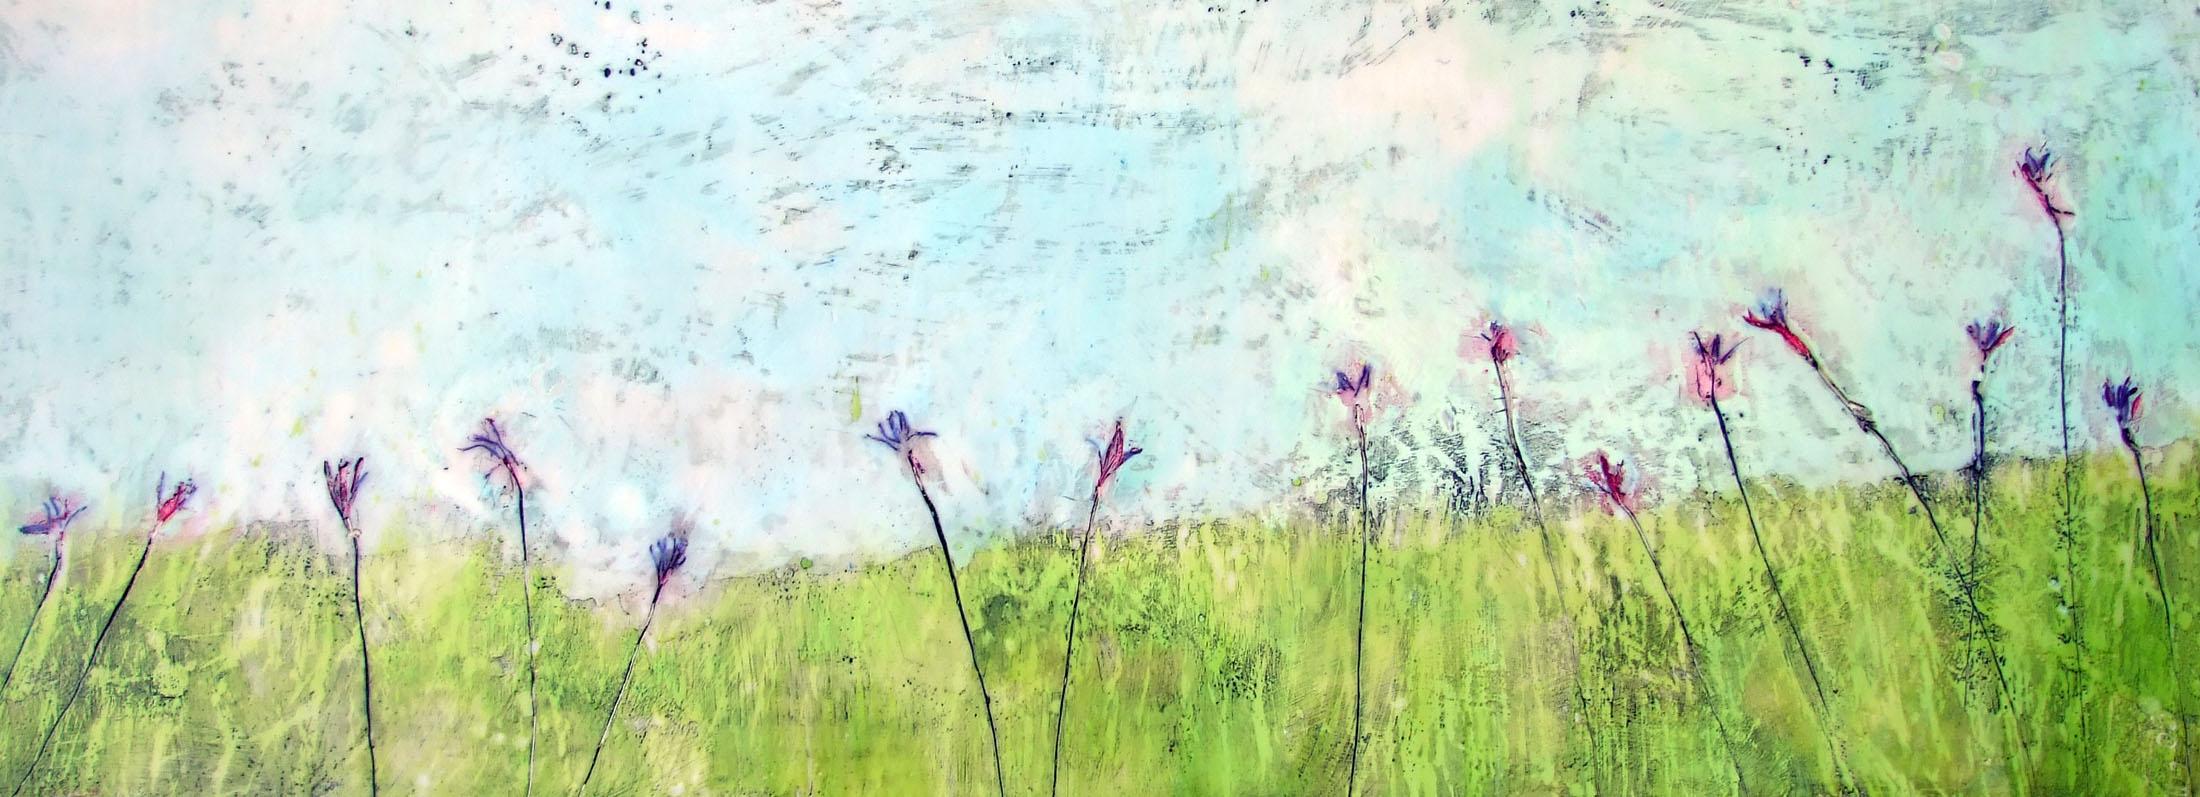 Springing to Life 48x18 encaustic art by susan wallis